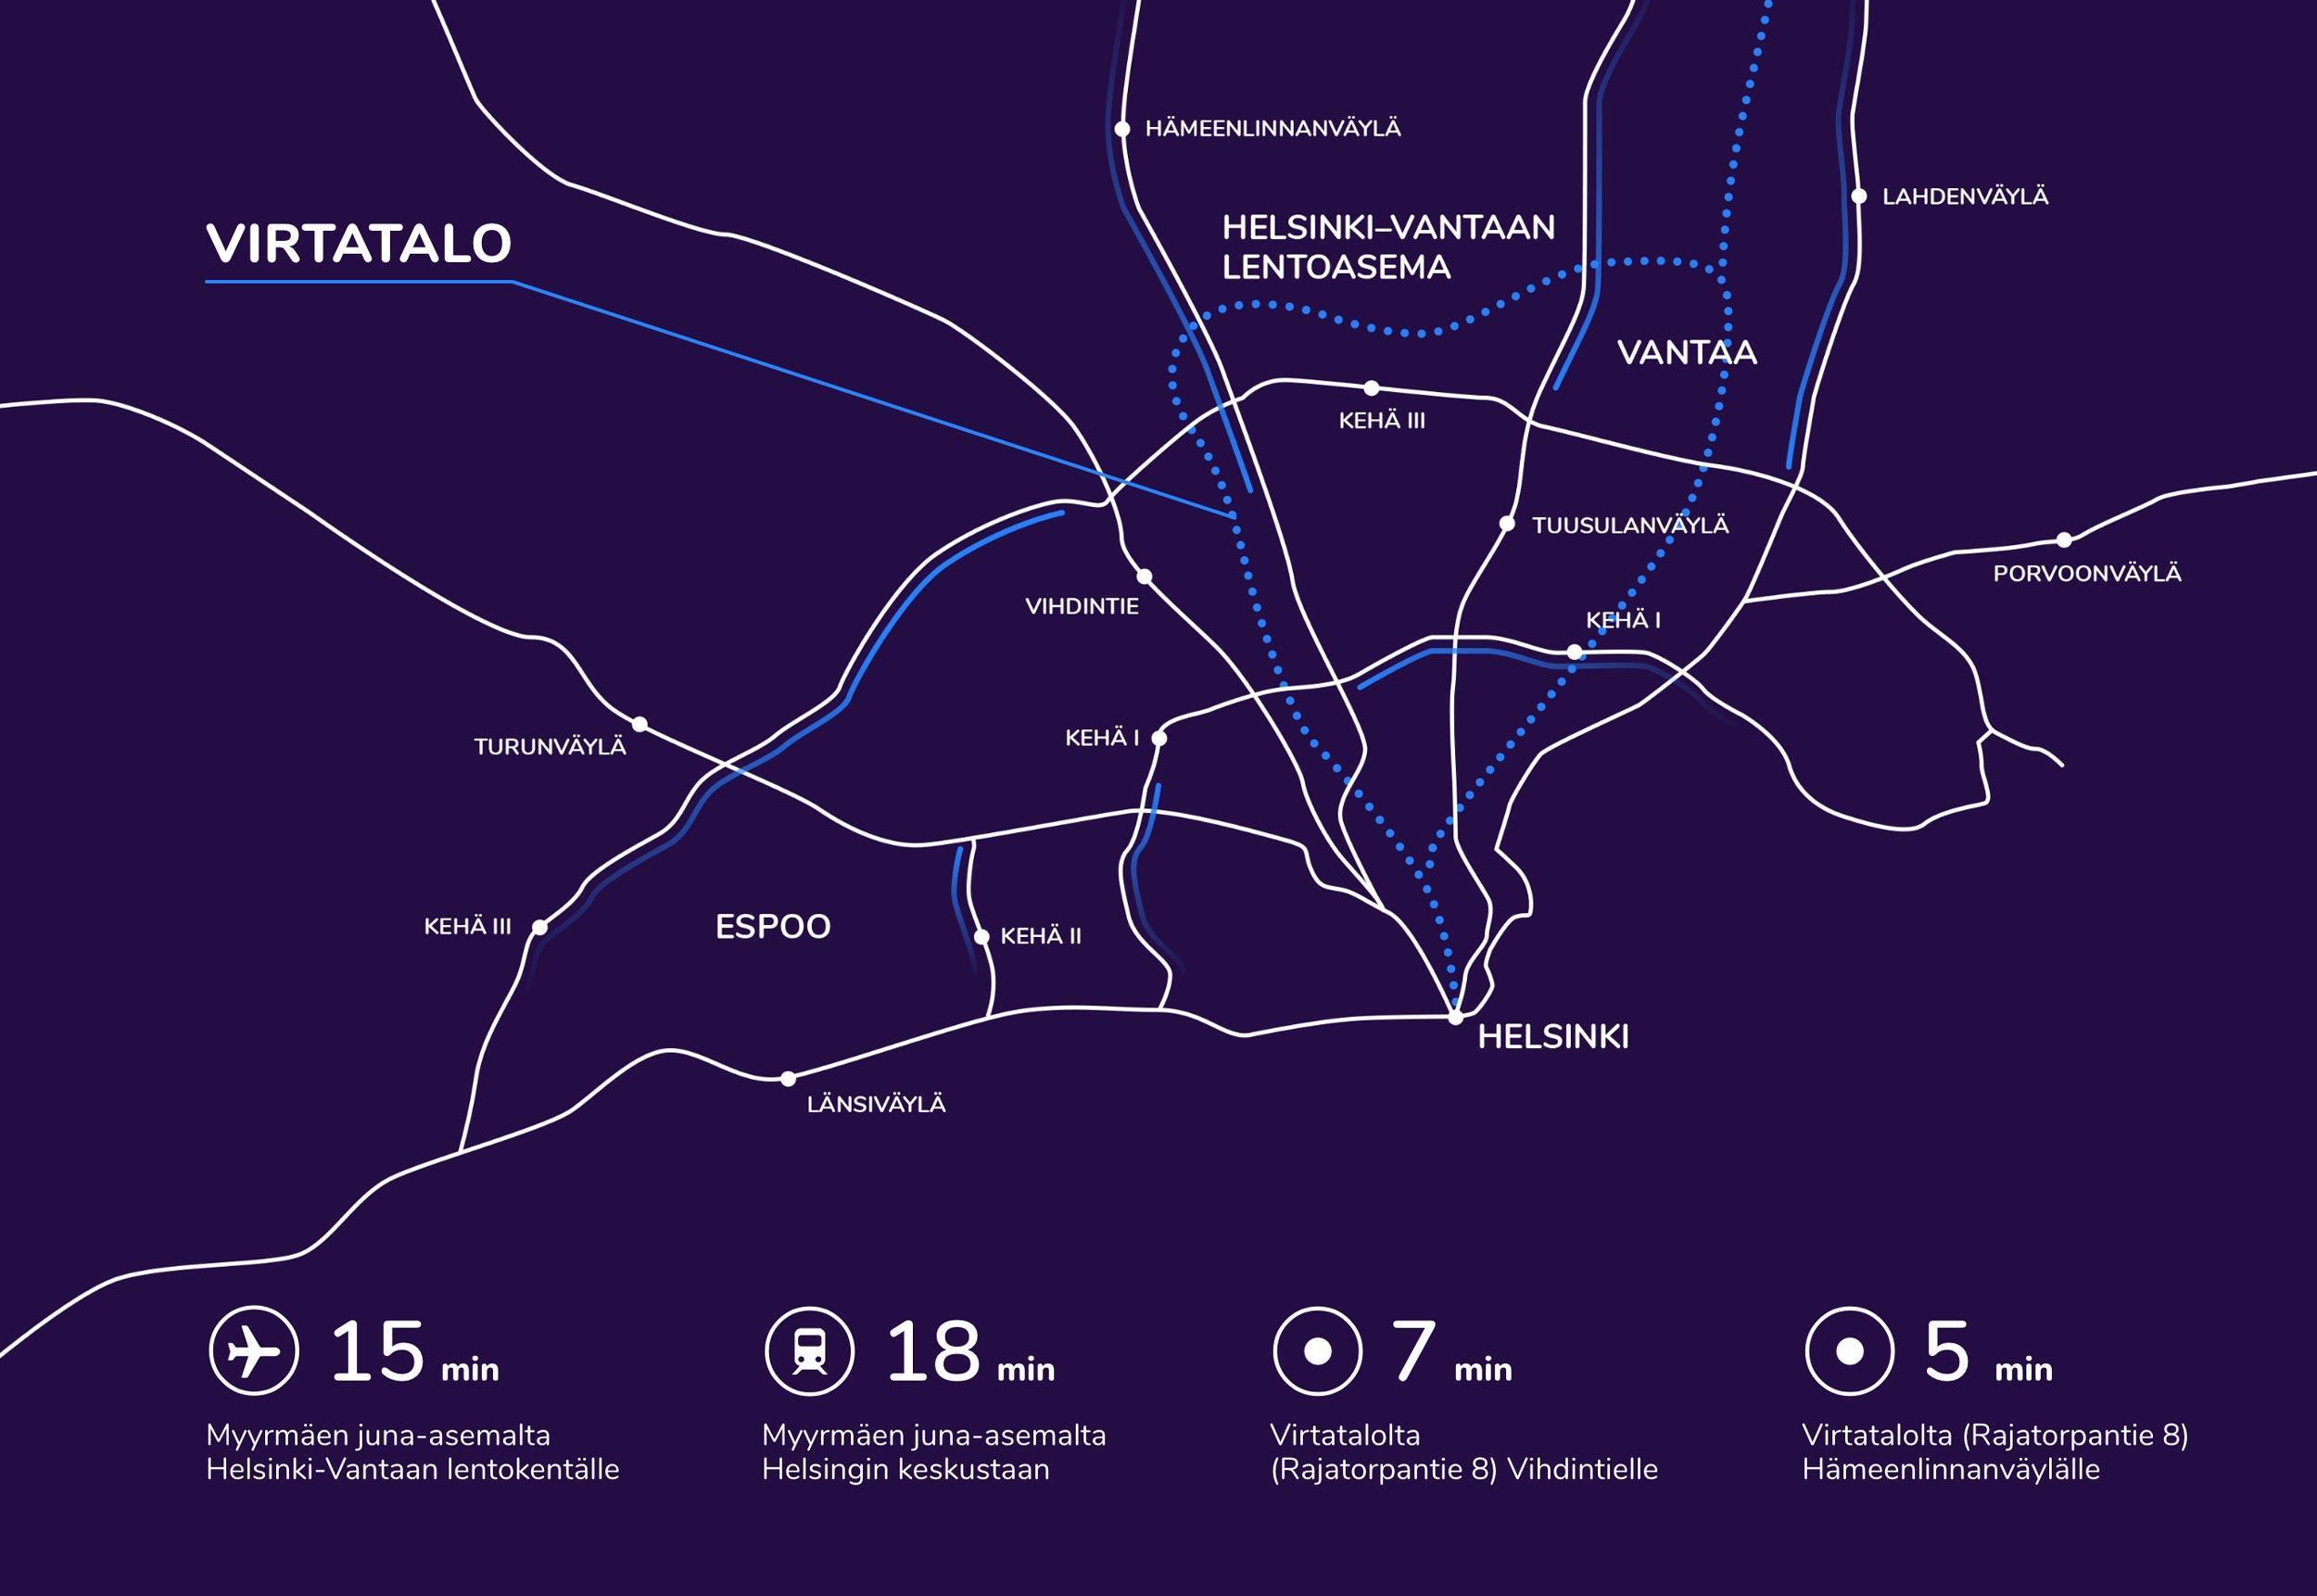 Virtatalon kartta jossa osoitettu pääkaupunkiseudun pääliikenneväylät